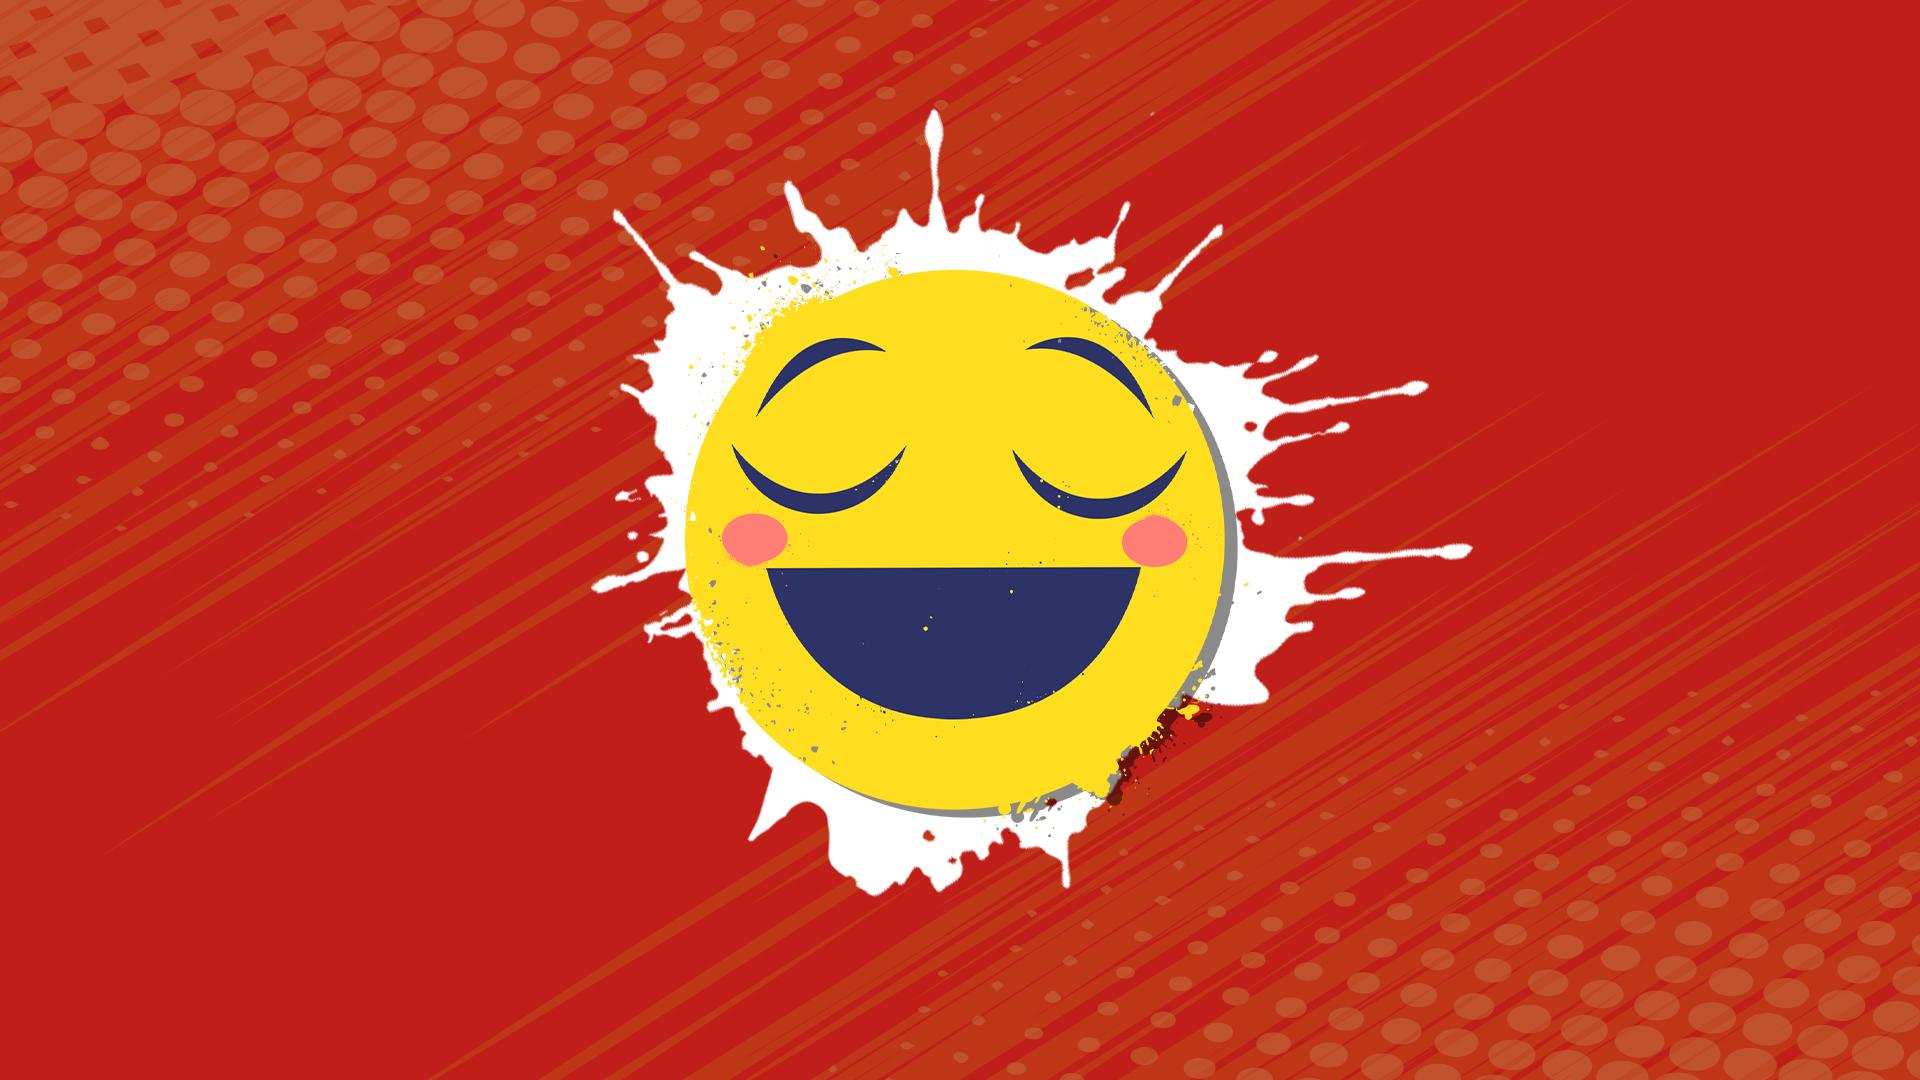 A smiley face